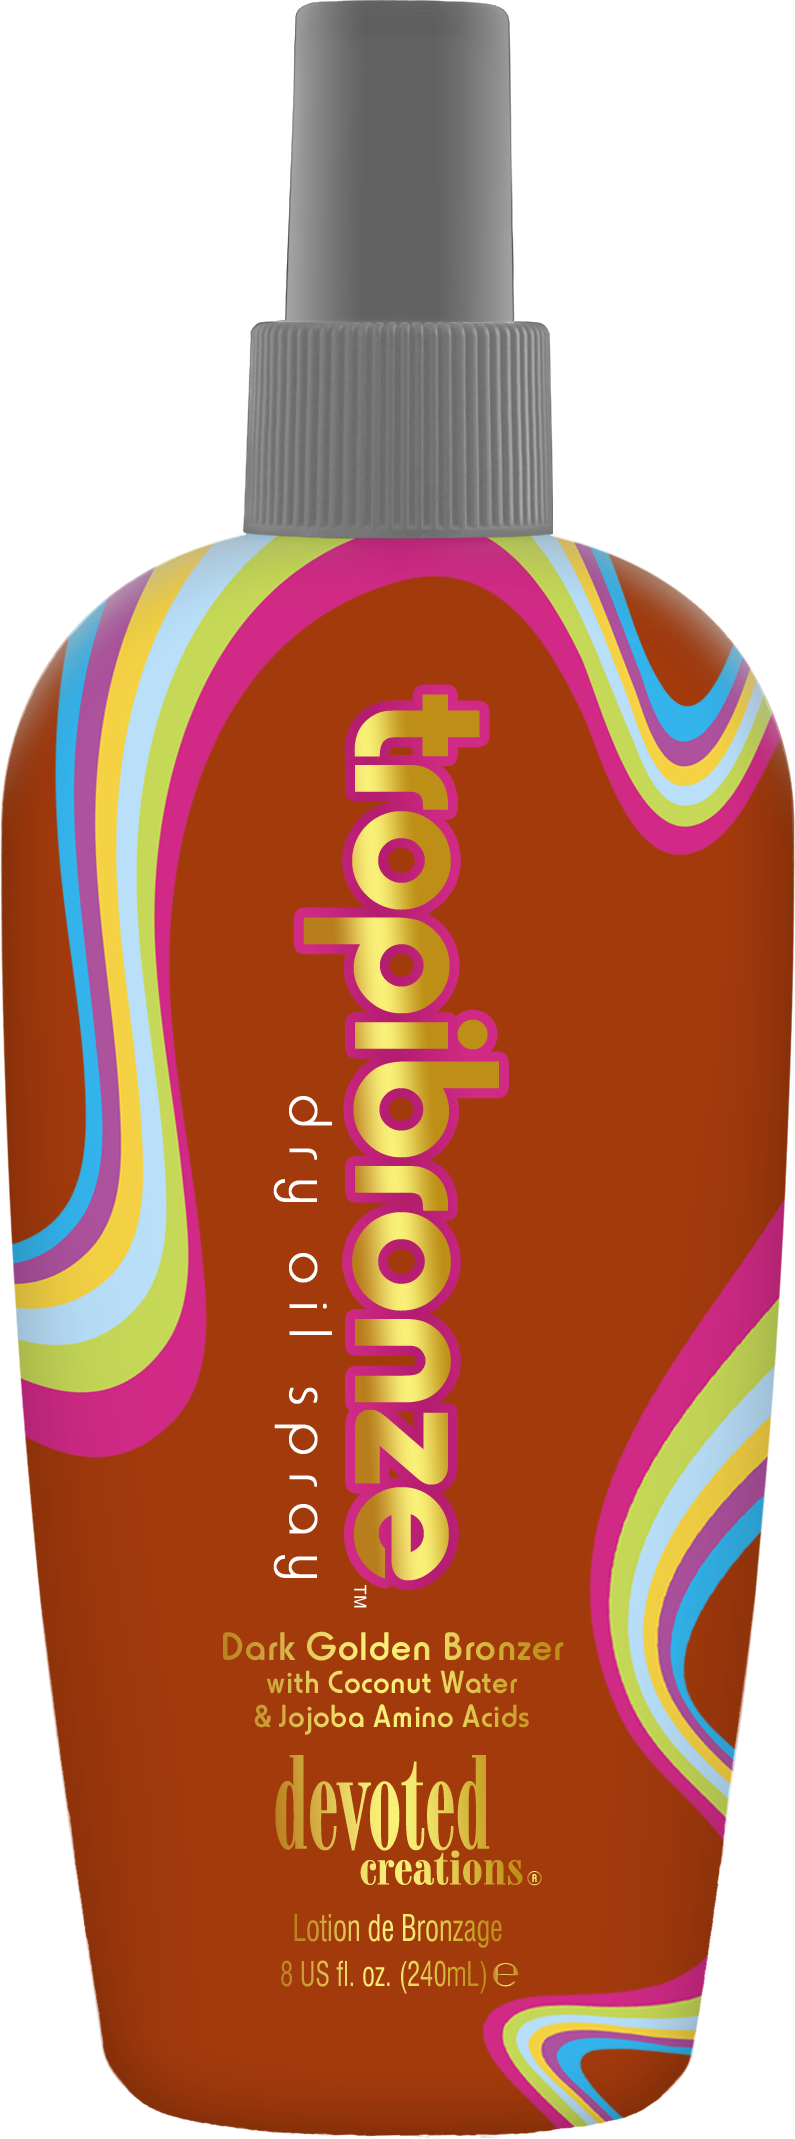 Devoted Creations Tropibronze - Sunvital Maarsen